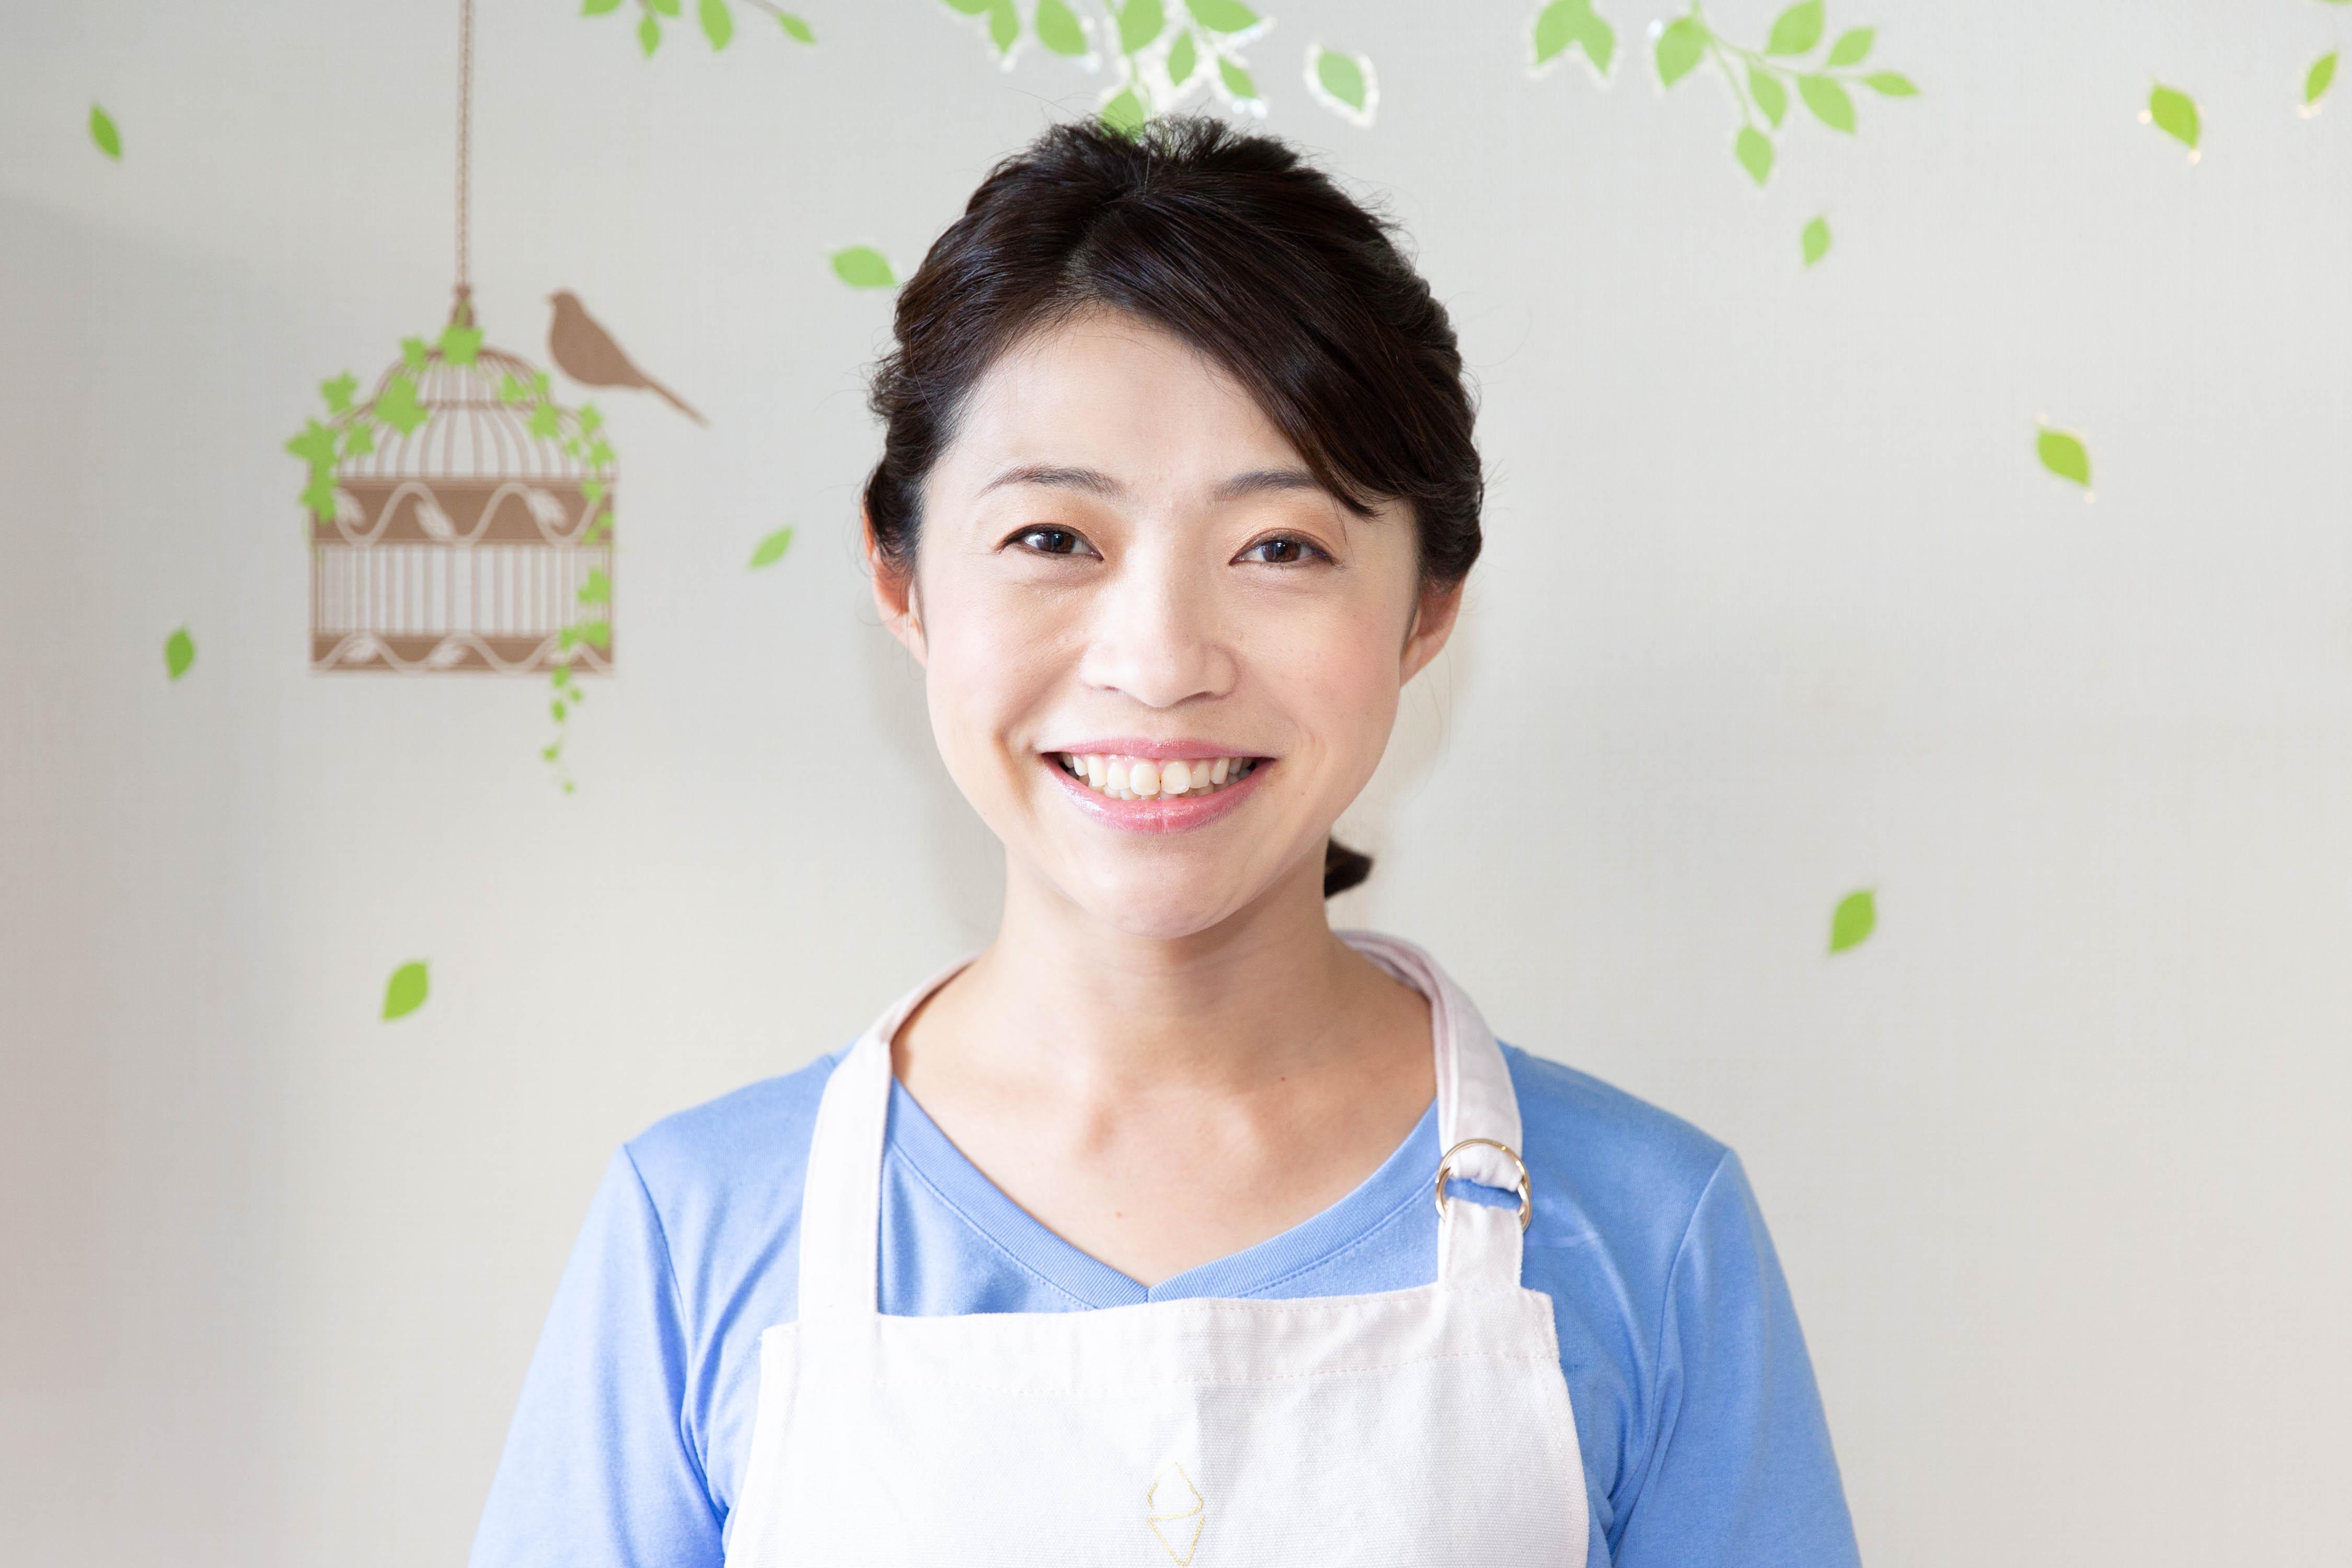 花田フォト写真 正面